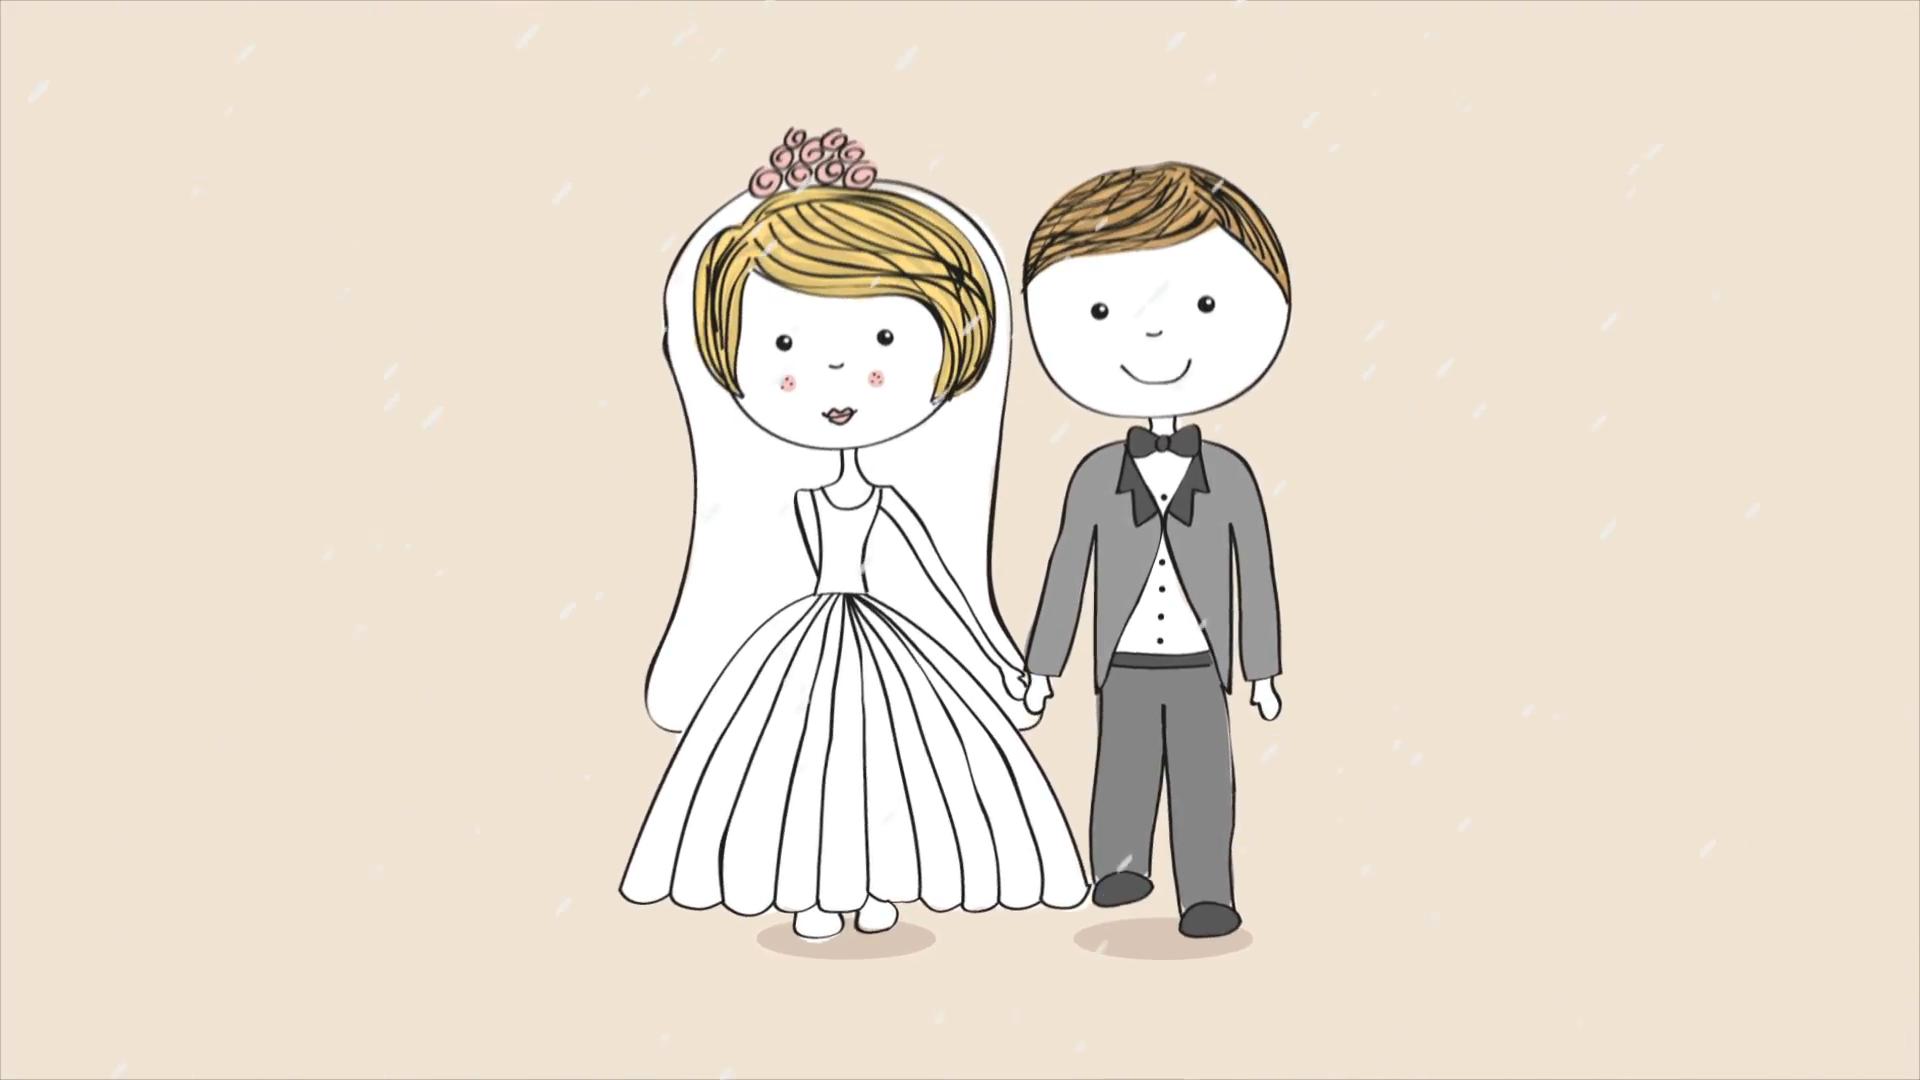 یافتههای جدید علمی: زندگی مجردی بهتر از متاهلی است!